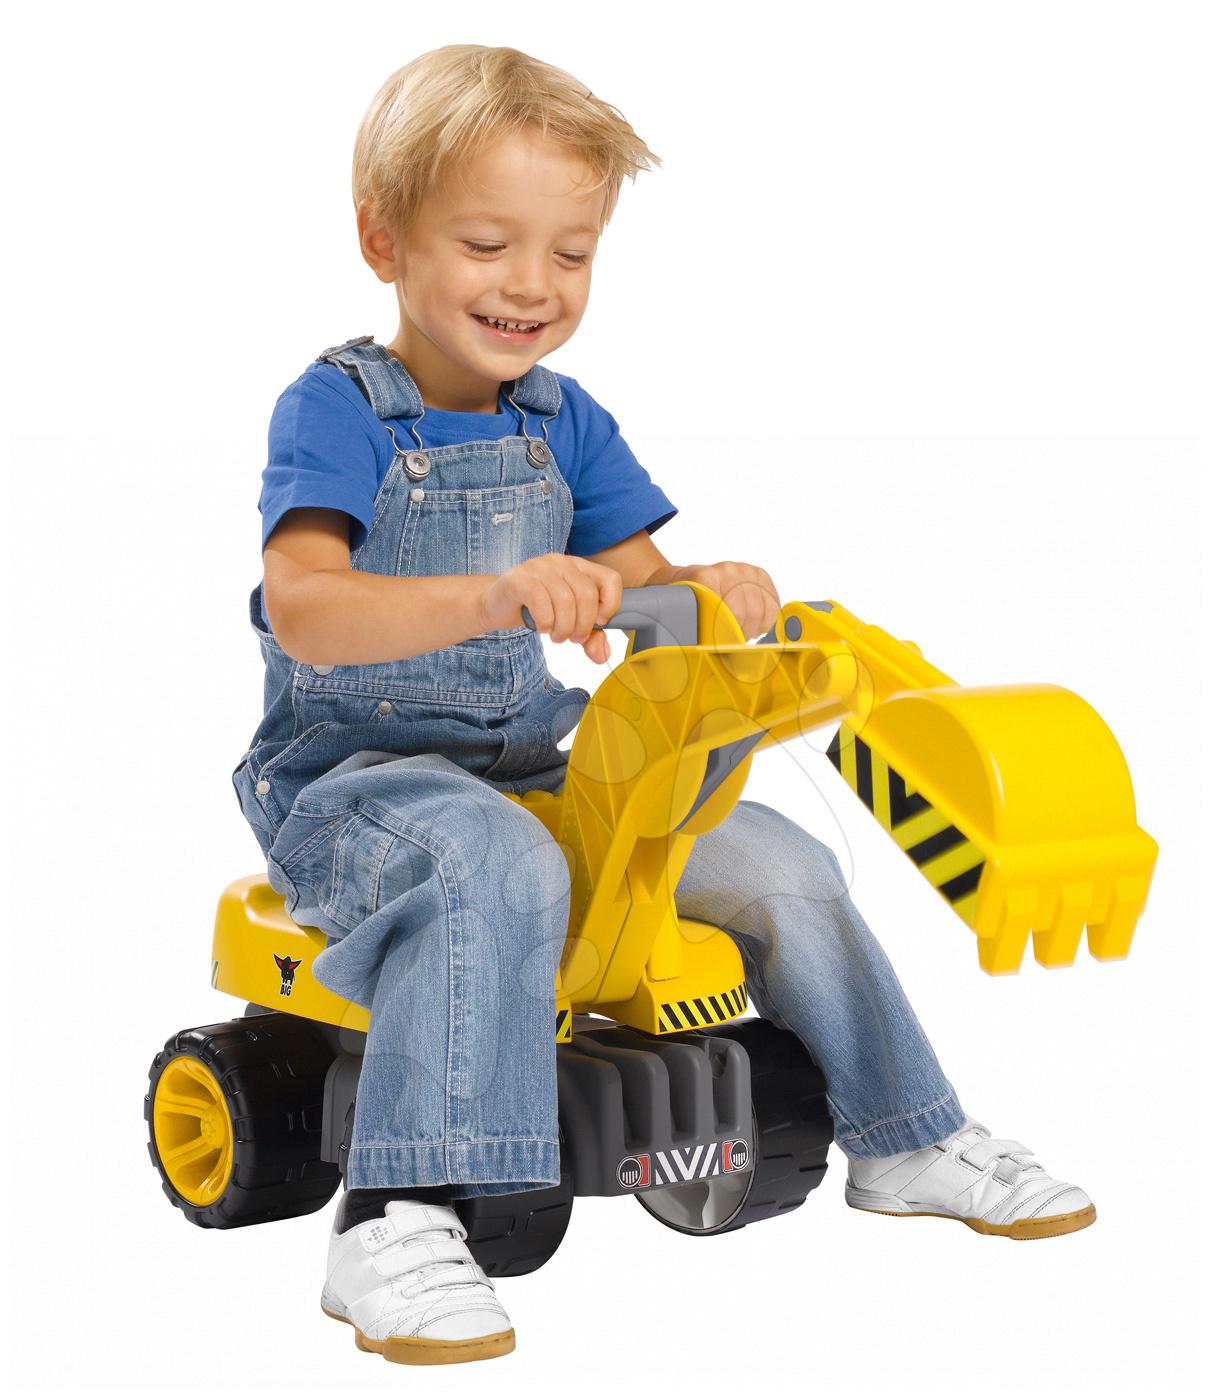 Odrážedla od 18 měsíců - Bagr Max Power BIG se sedadlem délka 73 cm žlutý